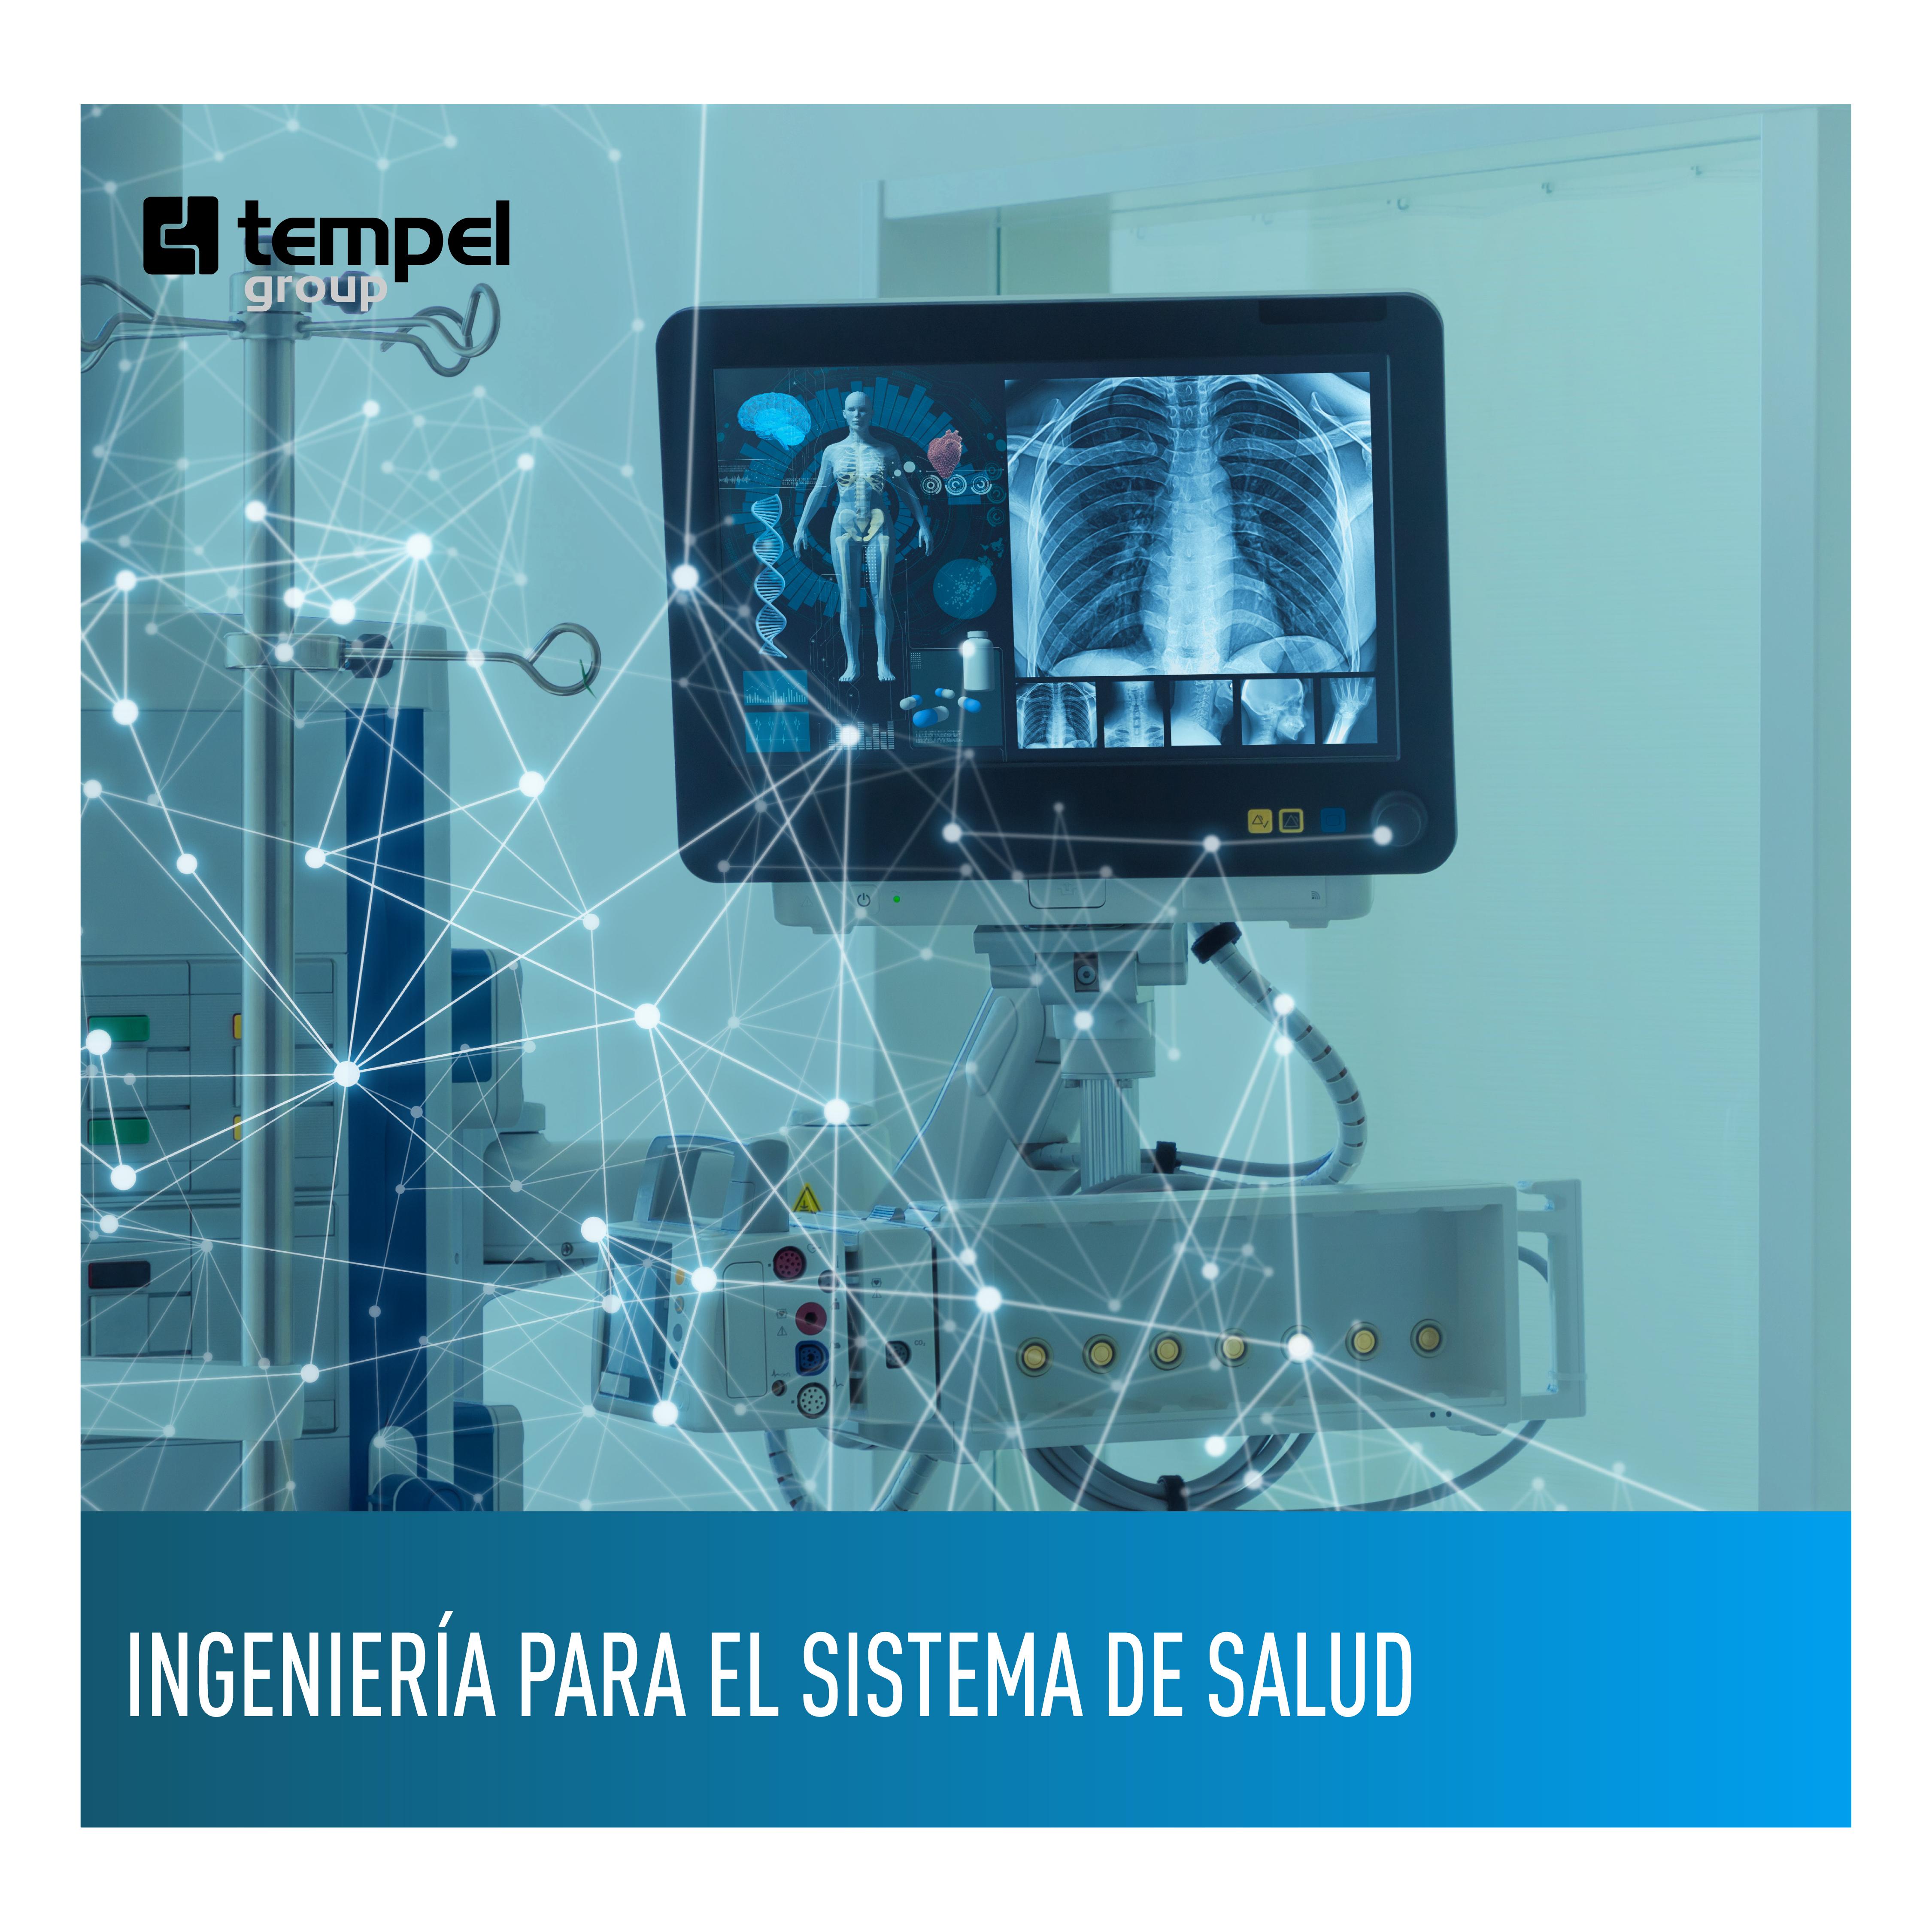 Ingeniería para el sistema de salud